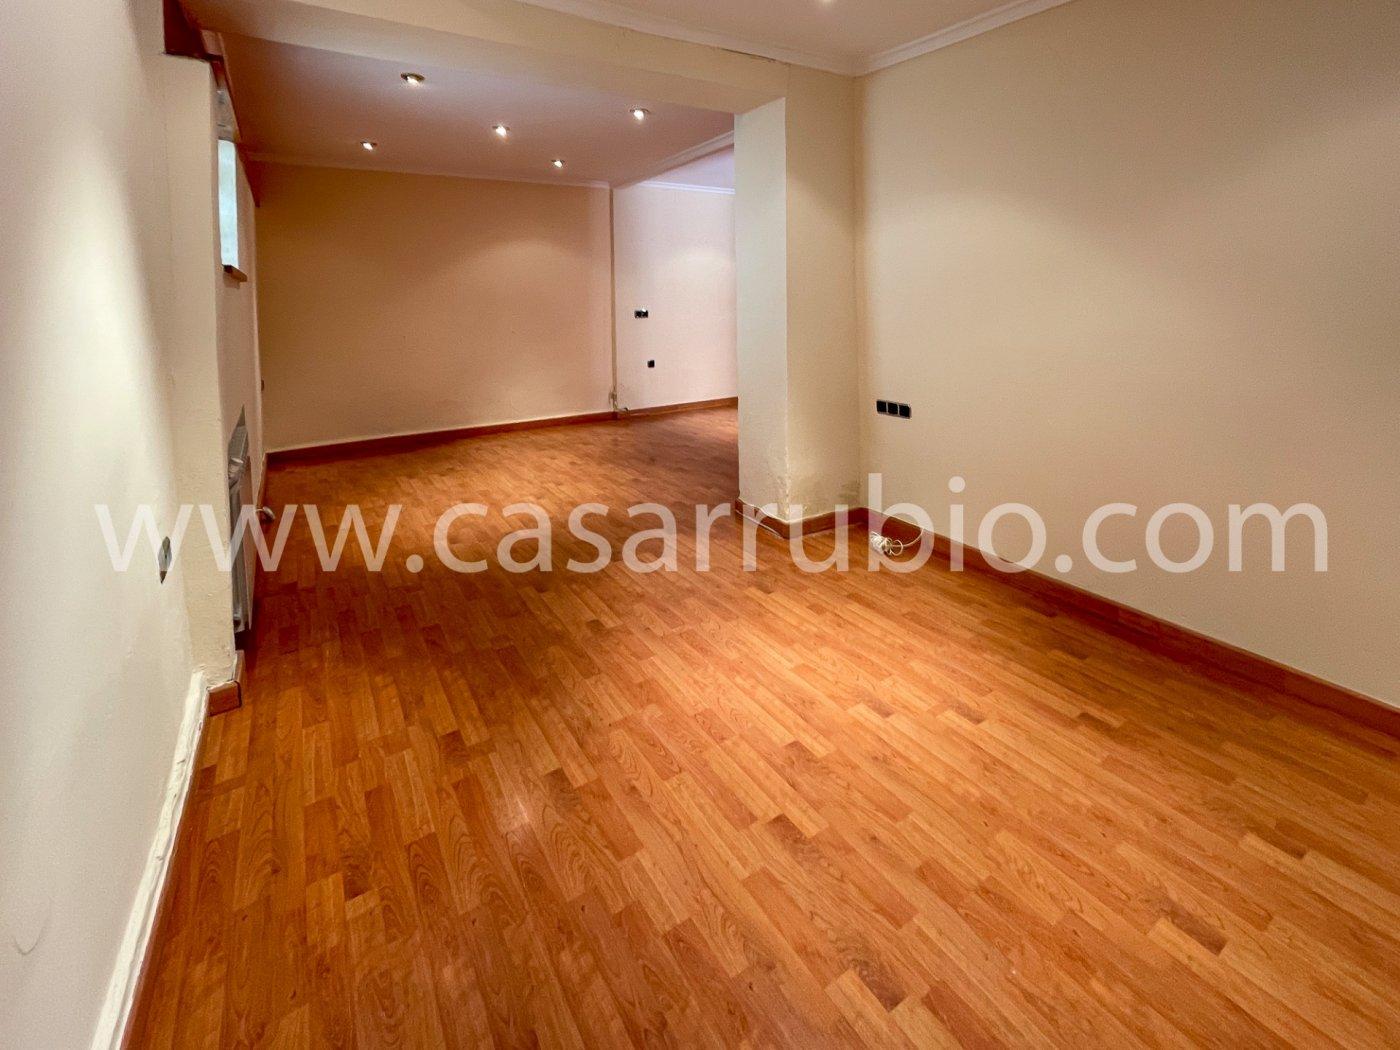 Estupenda casa reformada y con terraza en onil !! - imagenInmueble9